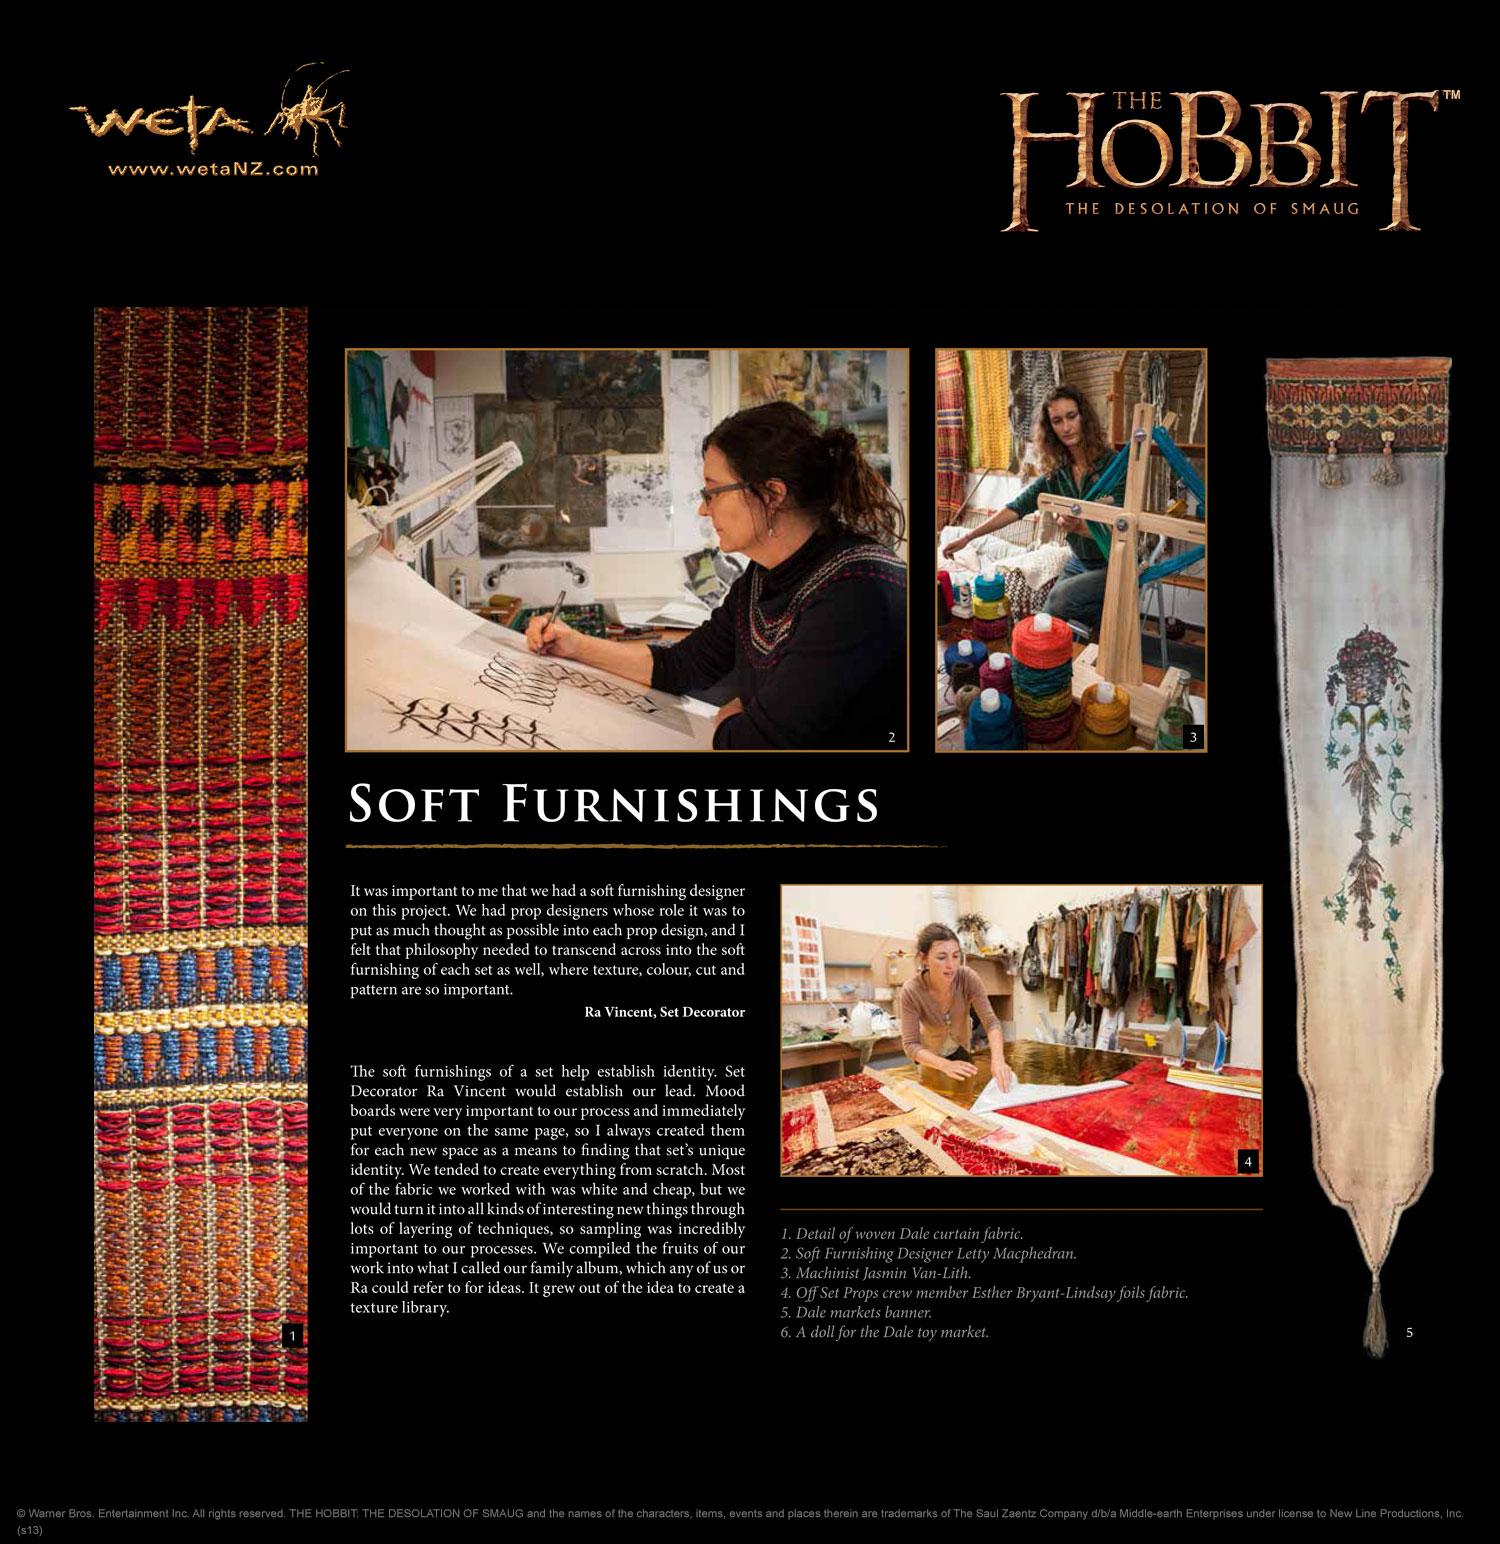 hobbit-chroniclesDoSCloaksDaggersb2